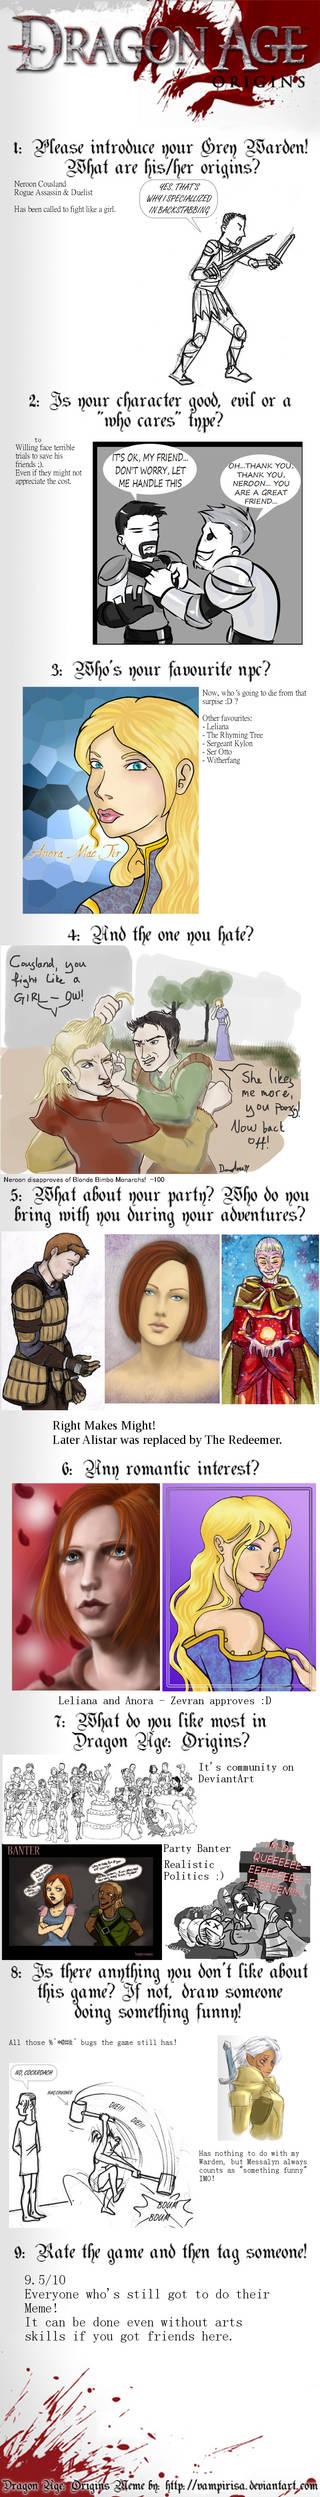 Dragon Age Meme